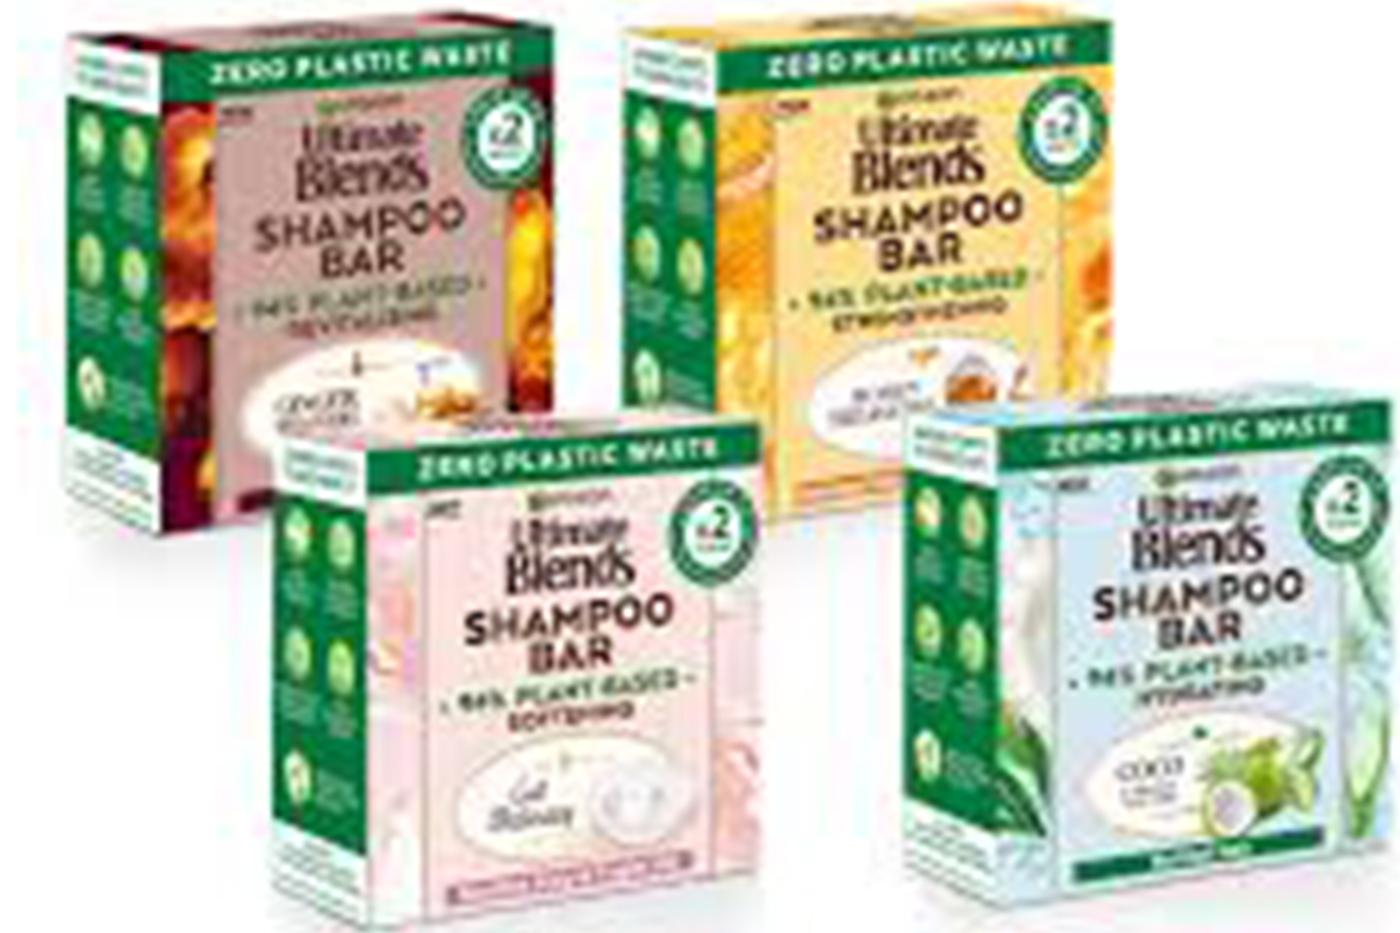 L'Oréal to launch green Garnier shampoo bars